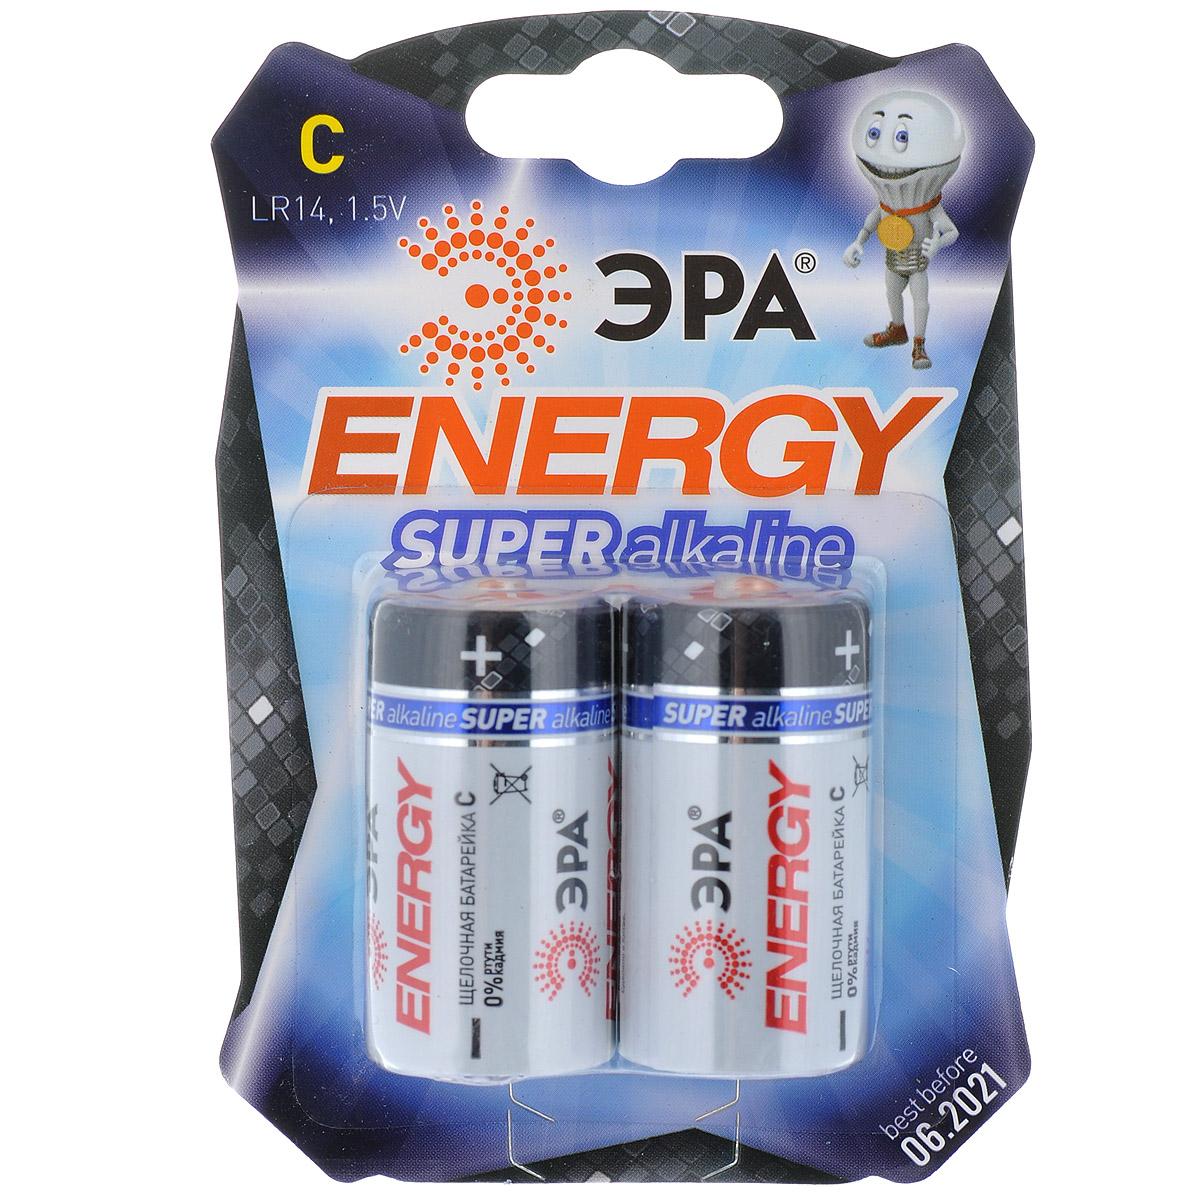 Батарейка алкалиновая ЭРА Energy, тип C (LR14), 1,5В, 2 шт5055398600993Щелочные (алкалиновые) батарейки ЭРА Energy оптимально подходят для повседневного питания множества современных бытовых приборов: электронных игрушек, фонарей, беспроводной компьютерной периферии и многого другого. Батарейки созданы для устройств со средним и высоким потреблением энергии. Работают в 10 раз дольше, чем обычные солевые элементы питания. В комплекте - 2 батарейки. Размер батарейки: 2,5 см х 4,6 см.